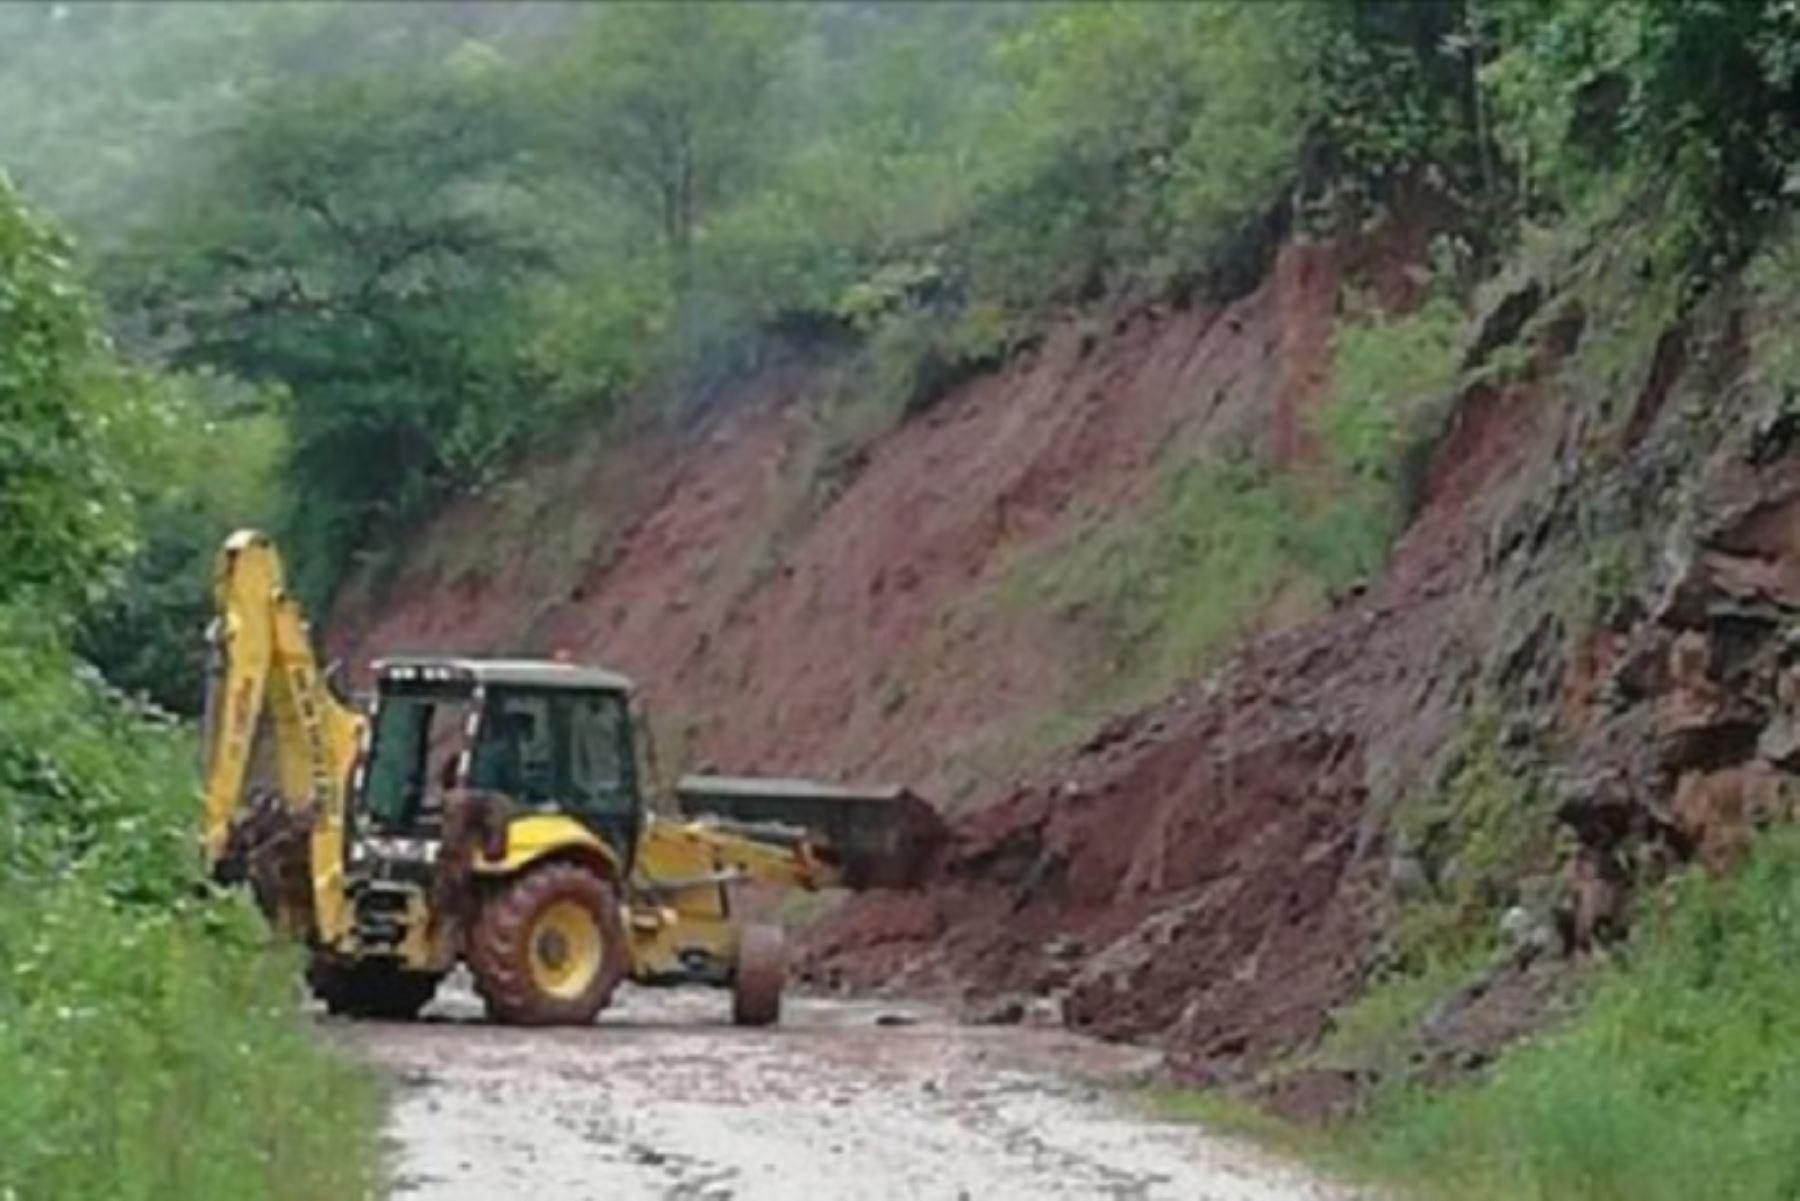 Las constantes y fuertes lluvias causaron un huaico que bloquearon la trocha carrozable en el sector Huinocuho-Colcamar, en el distrito de Lamud, provincia de Luya, departamento de Amazonas.